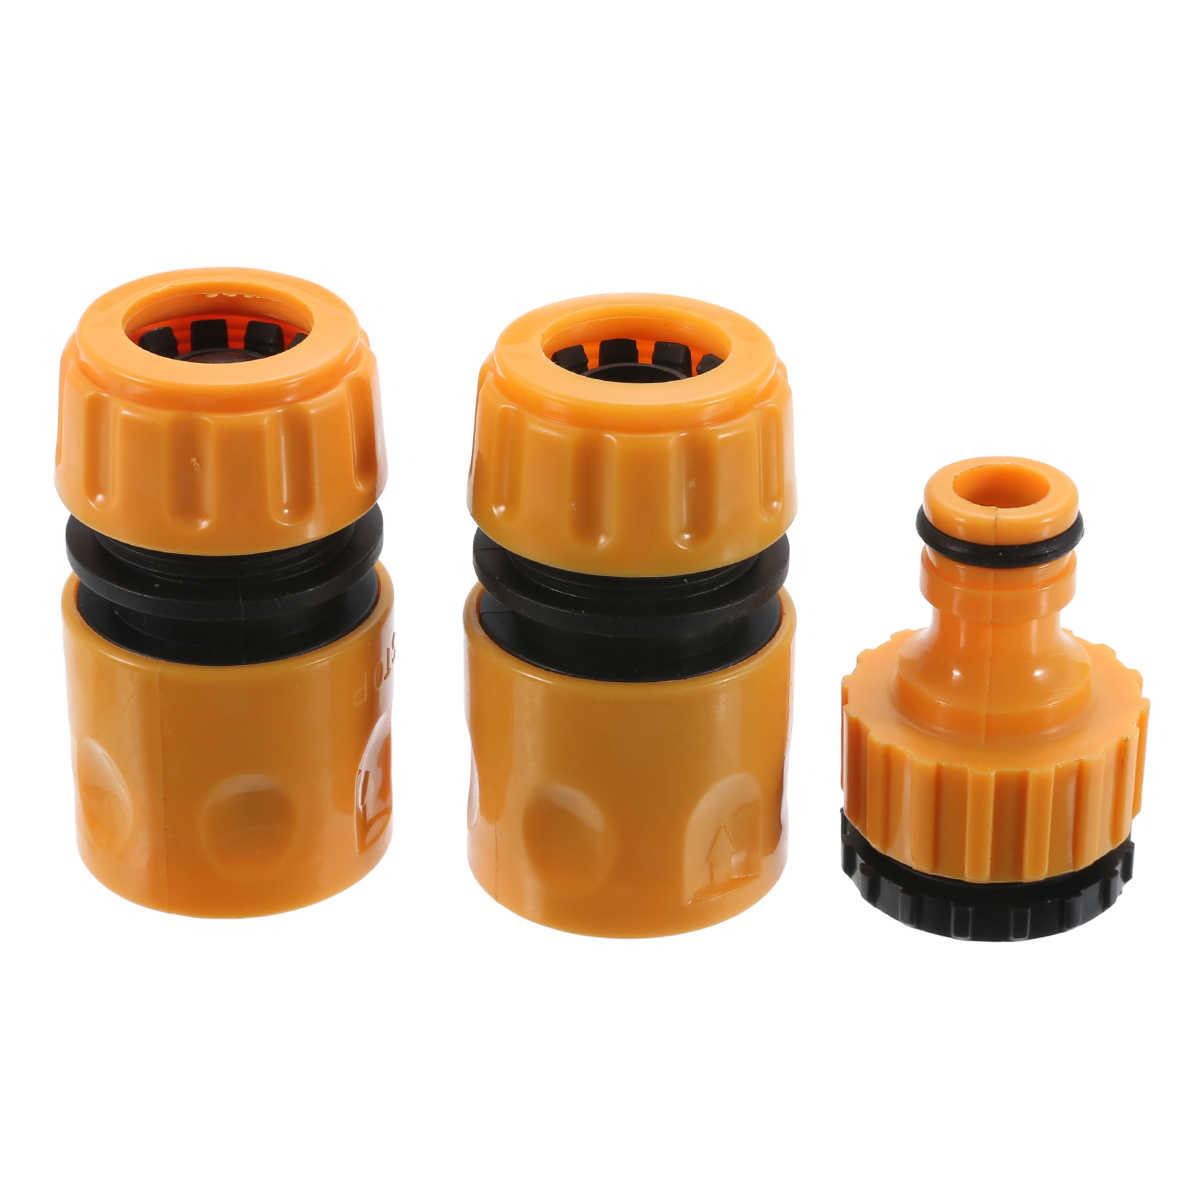 """3 sztuk szybkie złącze Adapter taśma kroplująca na wąż do nawadniania złącze z 1/2 """"3/4"""" kolczasty złącze narzędzie do nawadniania ogrodu żółty"""